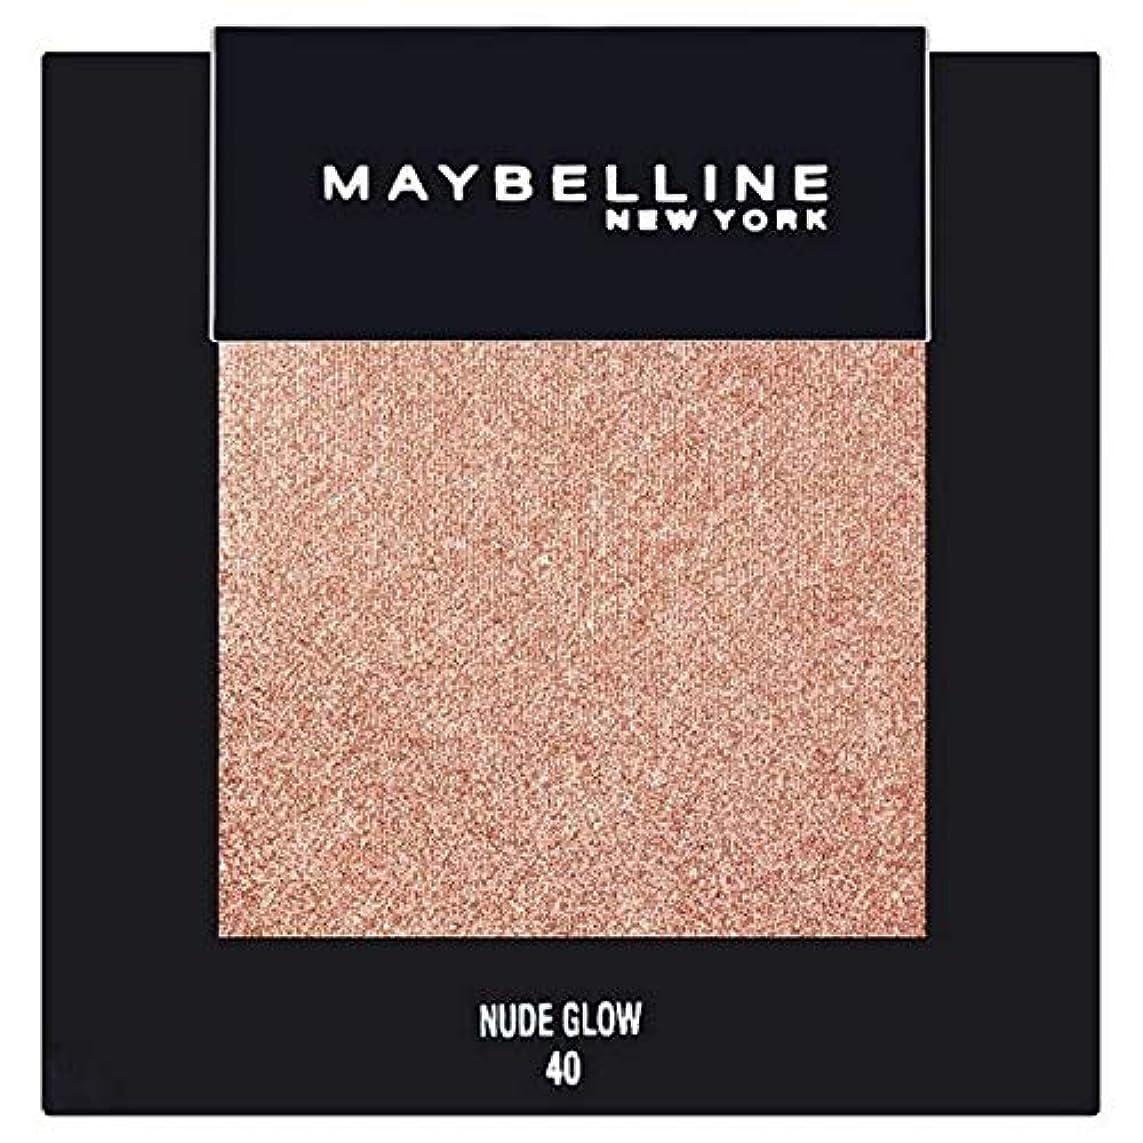 ソケット胴体訪問[Maybelline ] メイベリンカラーショーシングルアイシャドウ40ヌードグロー - Maybelline Color Show Single Eyeshadow 40 Nude Glow [並行輸入品]